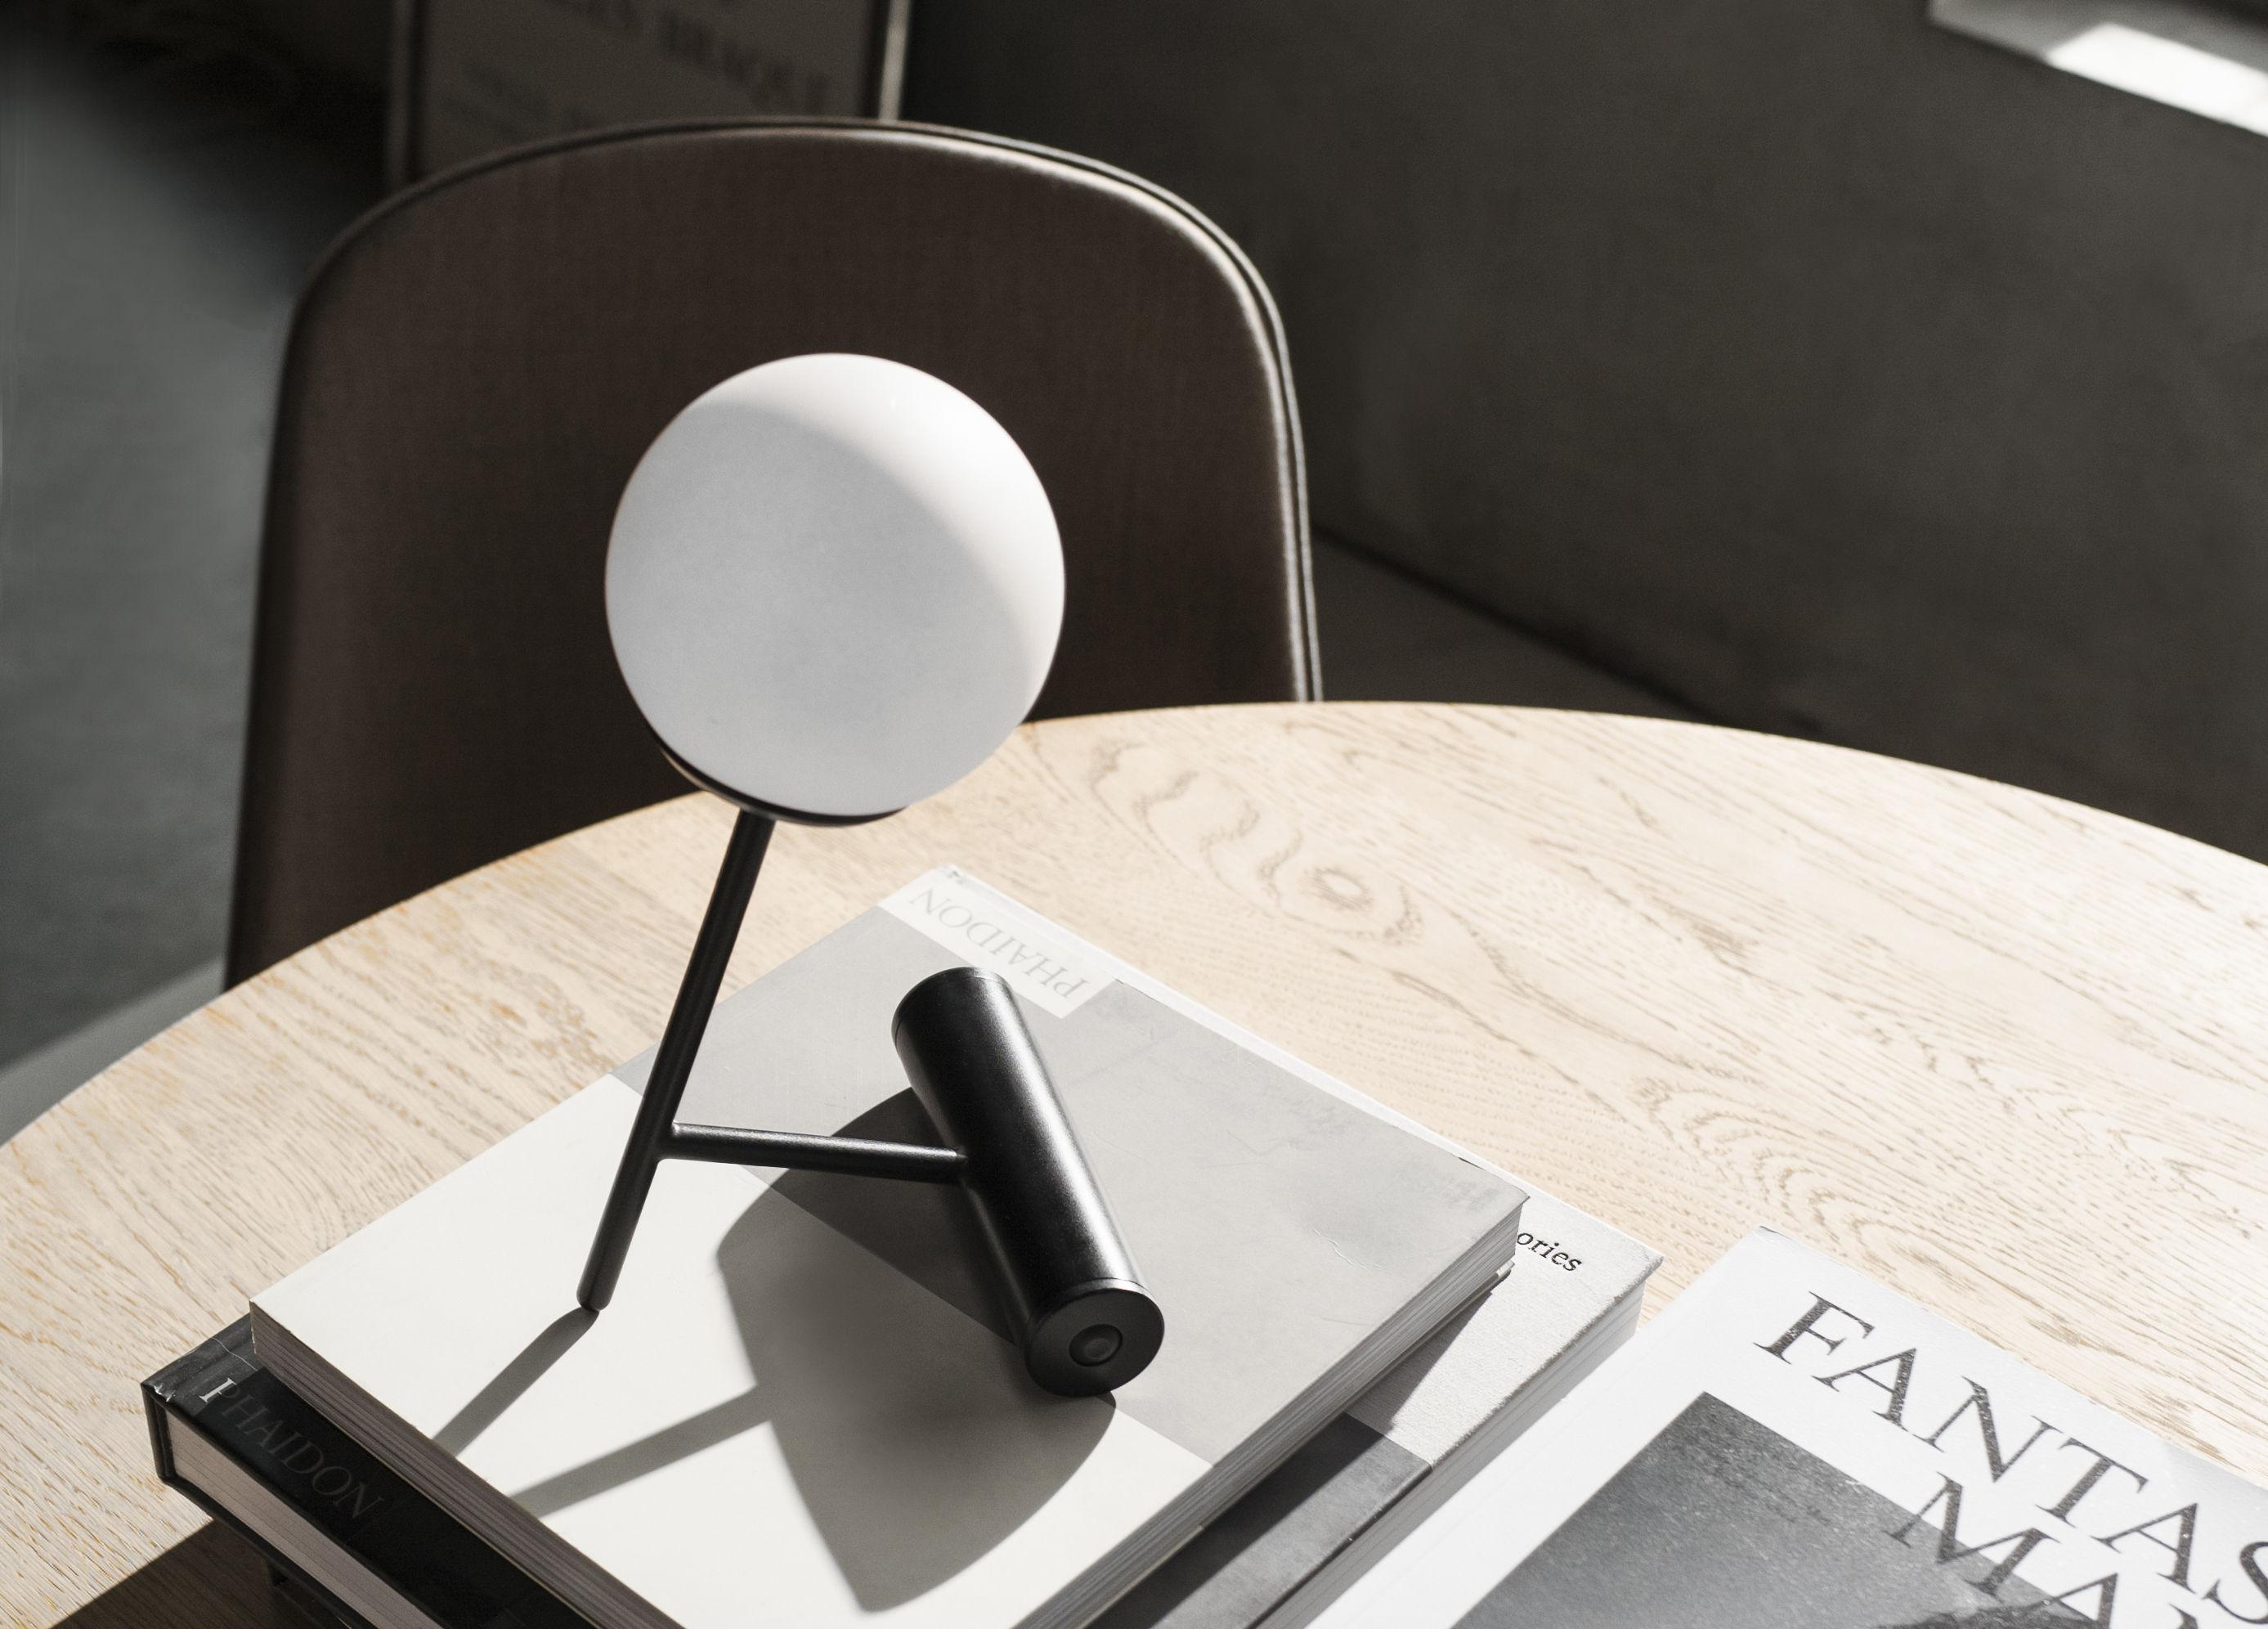 lampe ohne kabel phare led von menu schwarz h 23 cm l 13 5 x prof 13 5 cm diffuseur. Black Bedroom Furniture Sets. Home Design Ideas